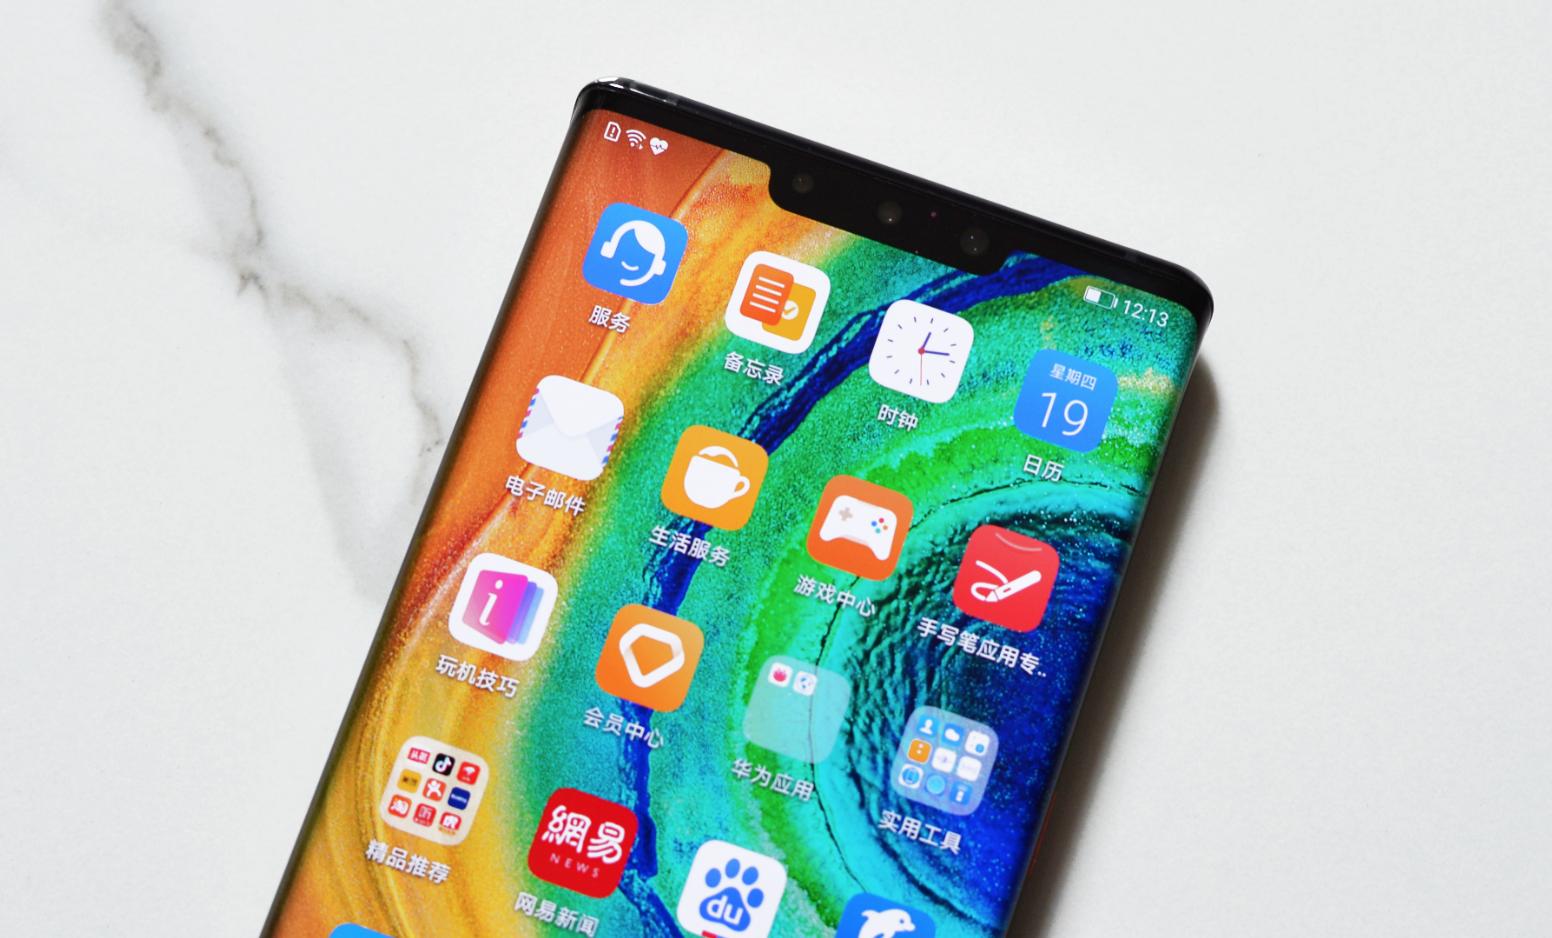 华为Mate30 Pro图赏:超曲面环幕屏,搭载麒麟990芯片的照片 - 2